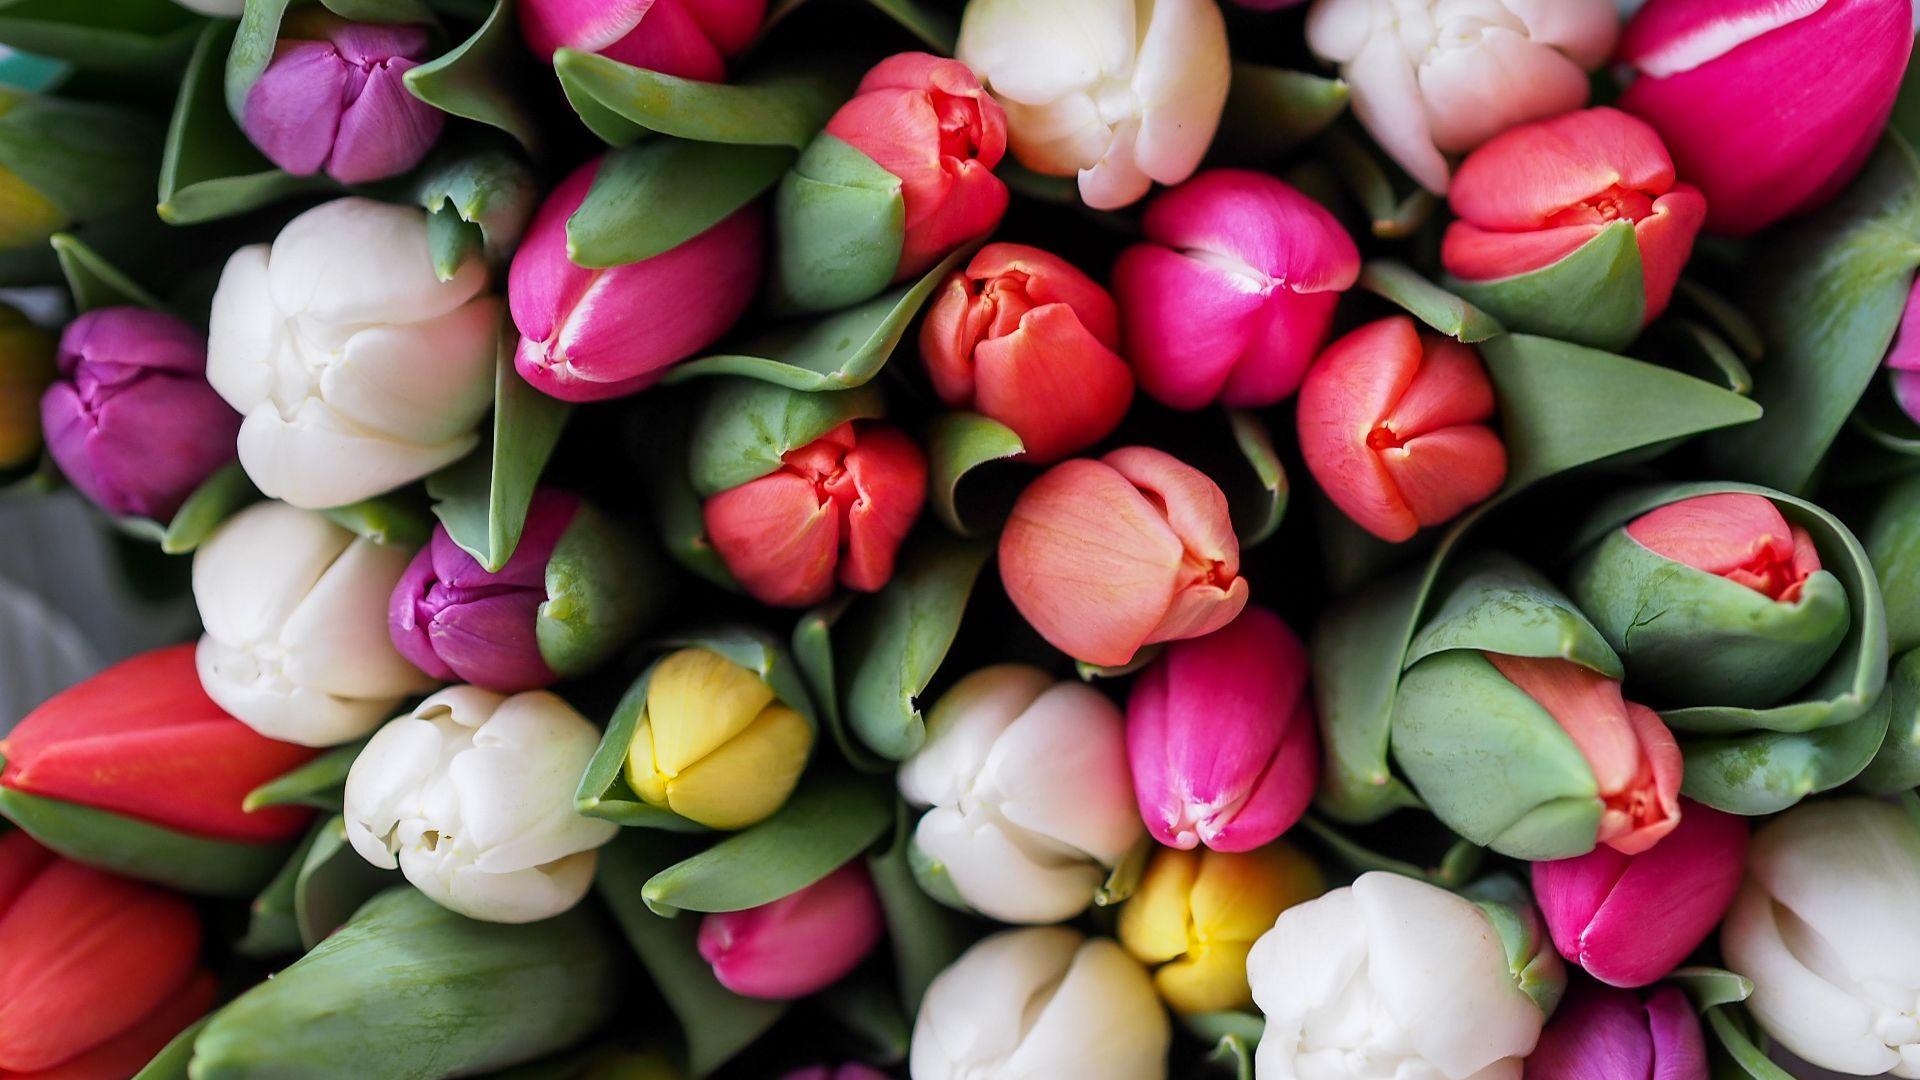 ein Bündel gelber, lila und weißer Tulpen